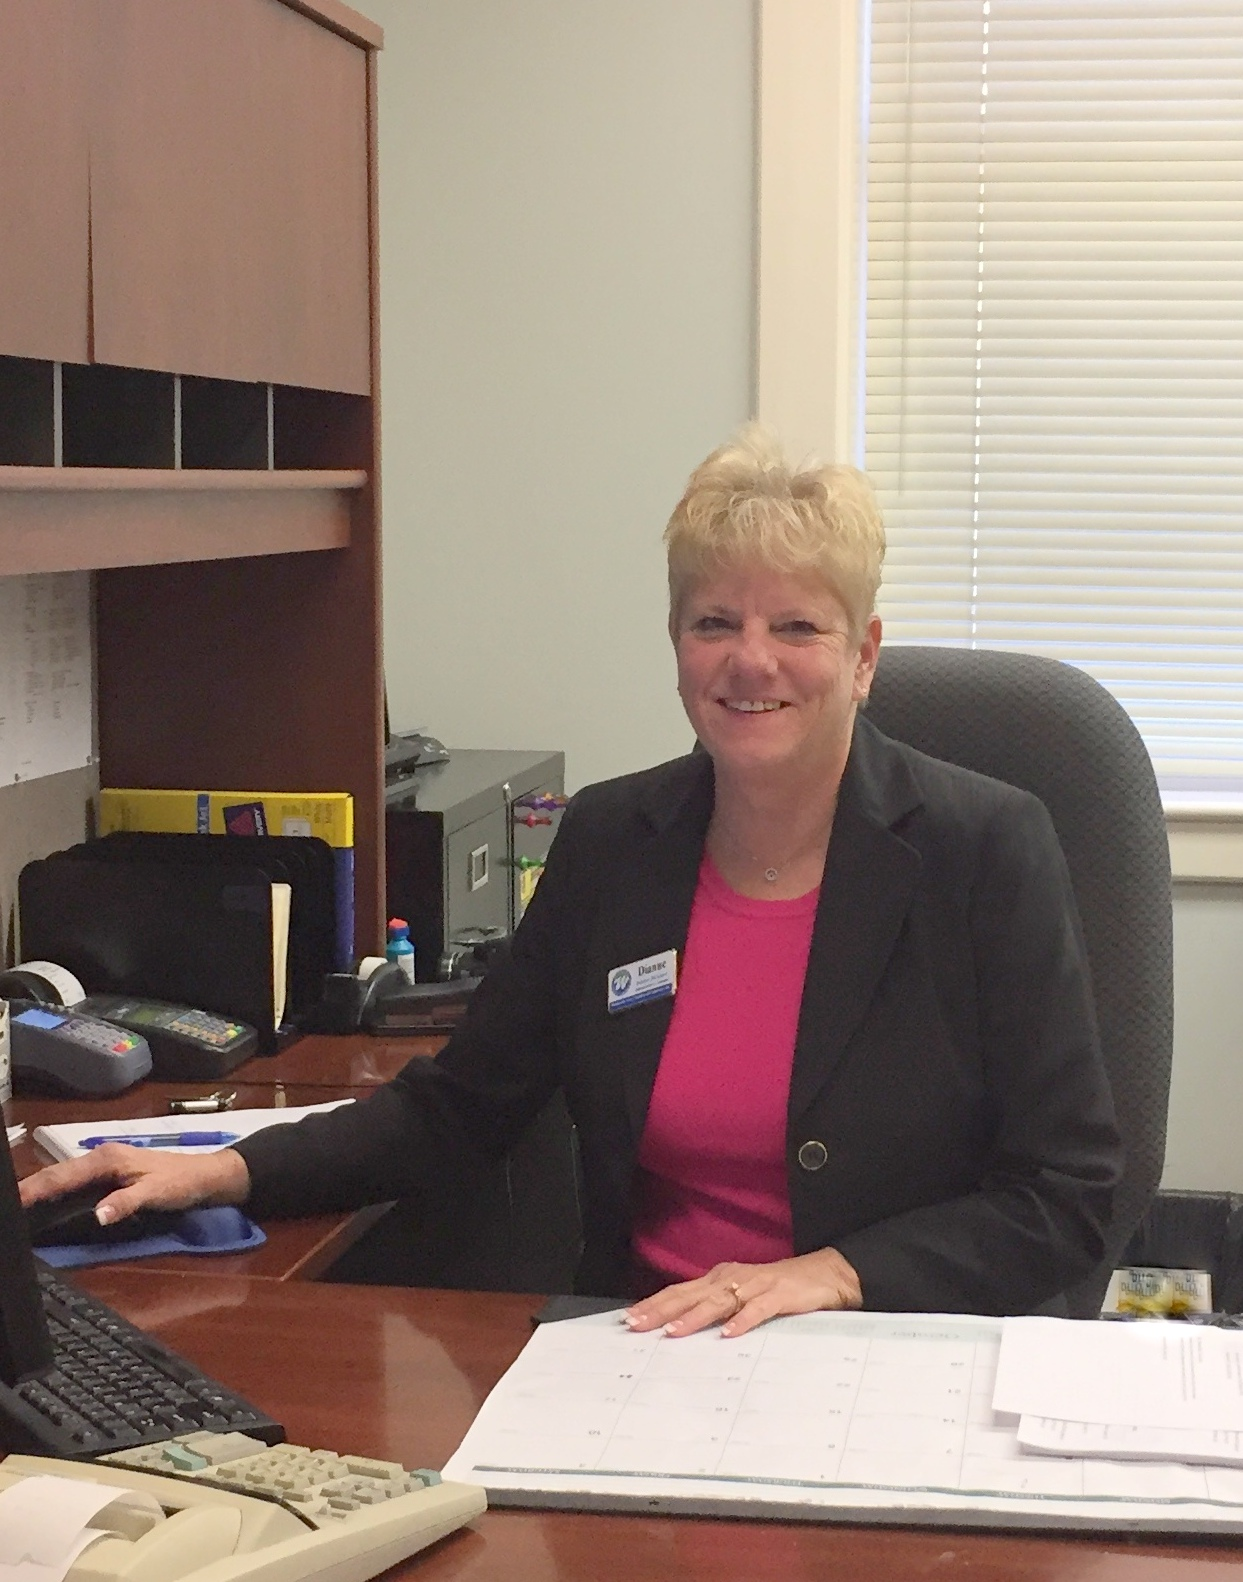 Dianne Bicknase, Administrative Assistant